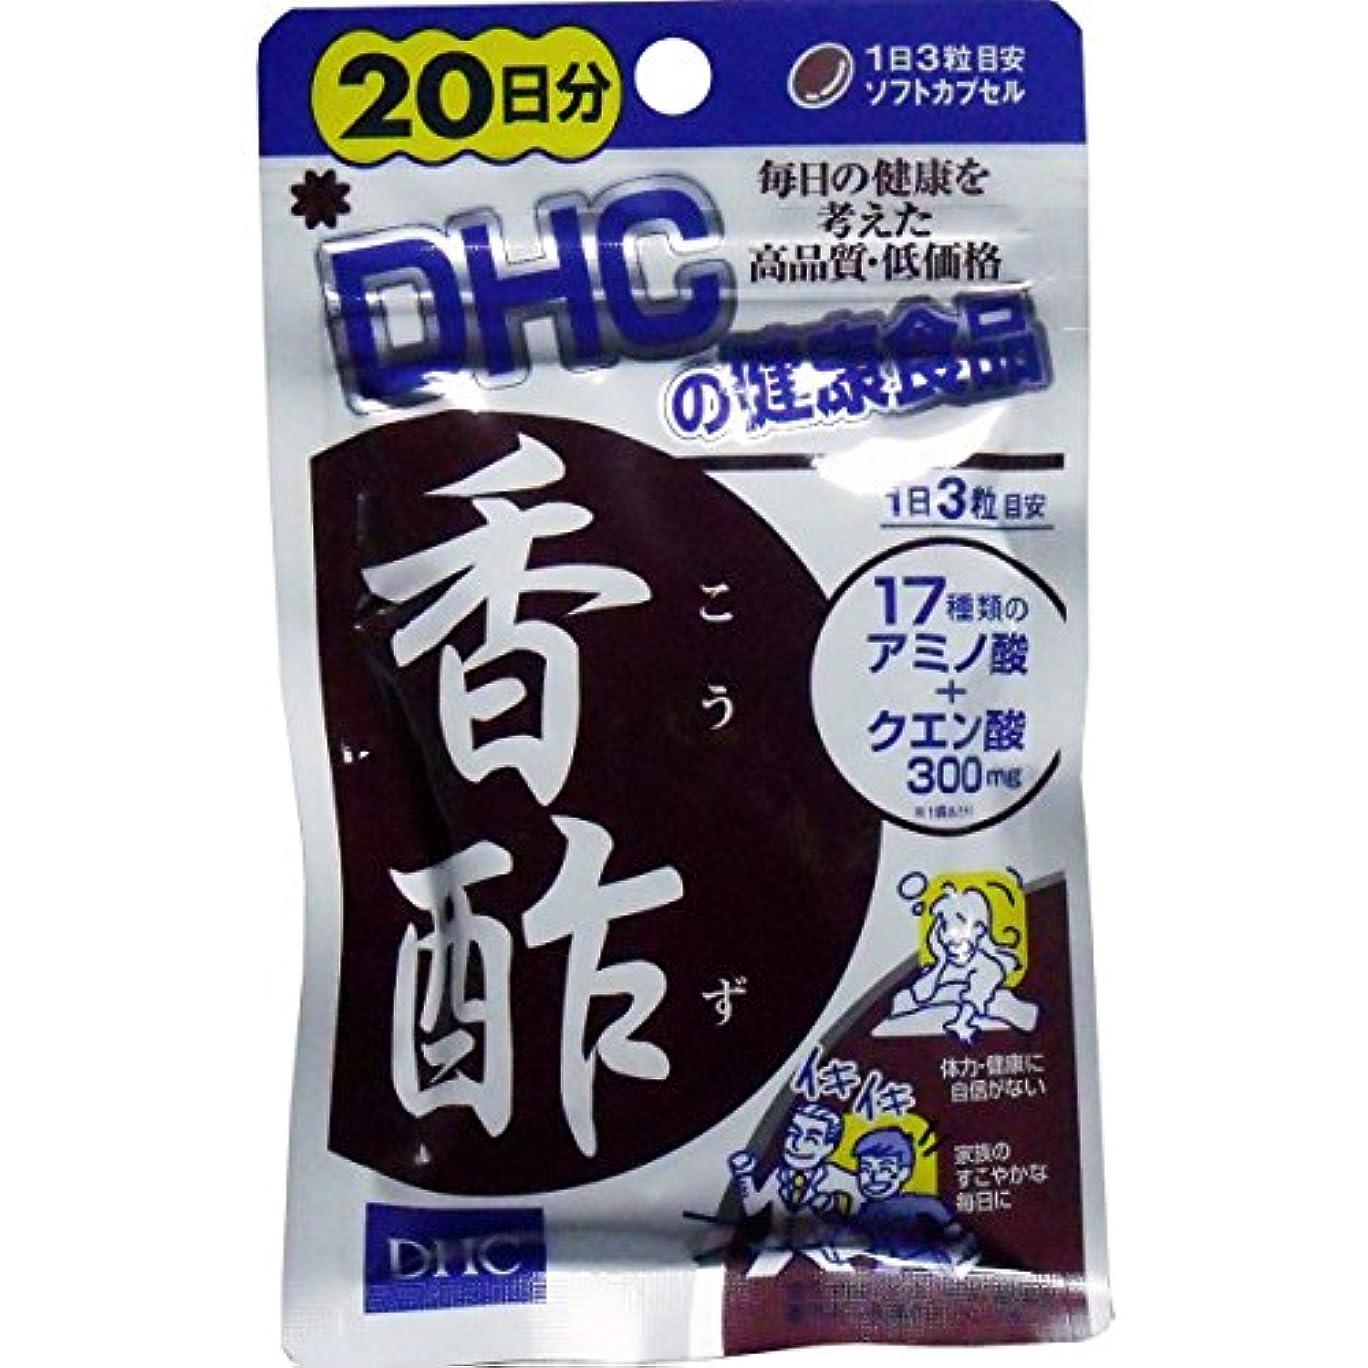 外部栄光の差別DHC 香酢 20日分 60粒入「2点セット」